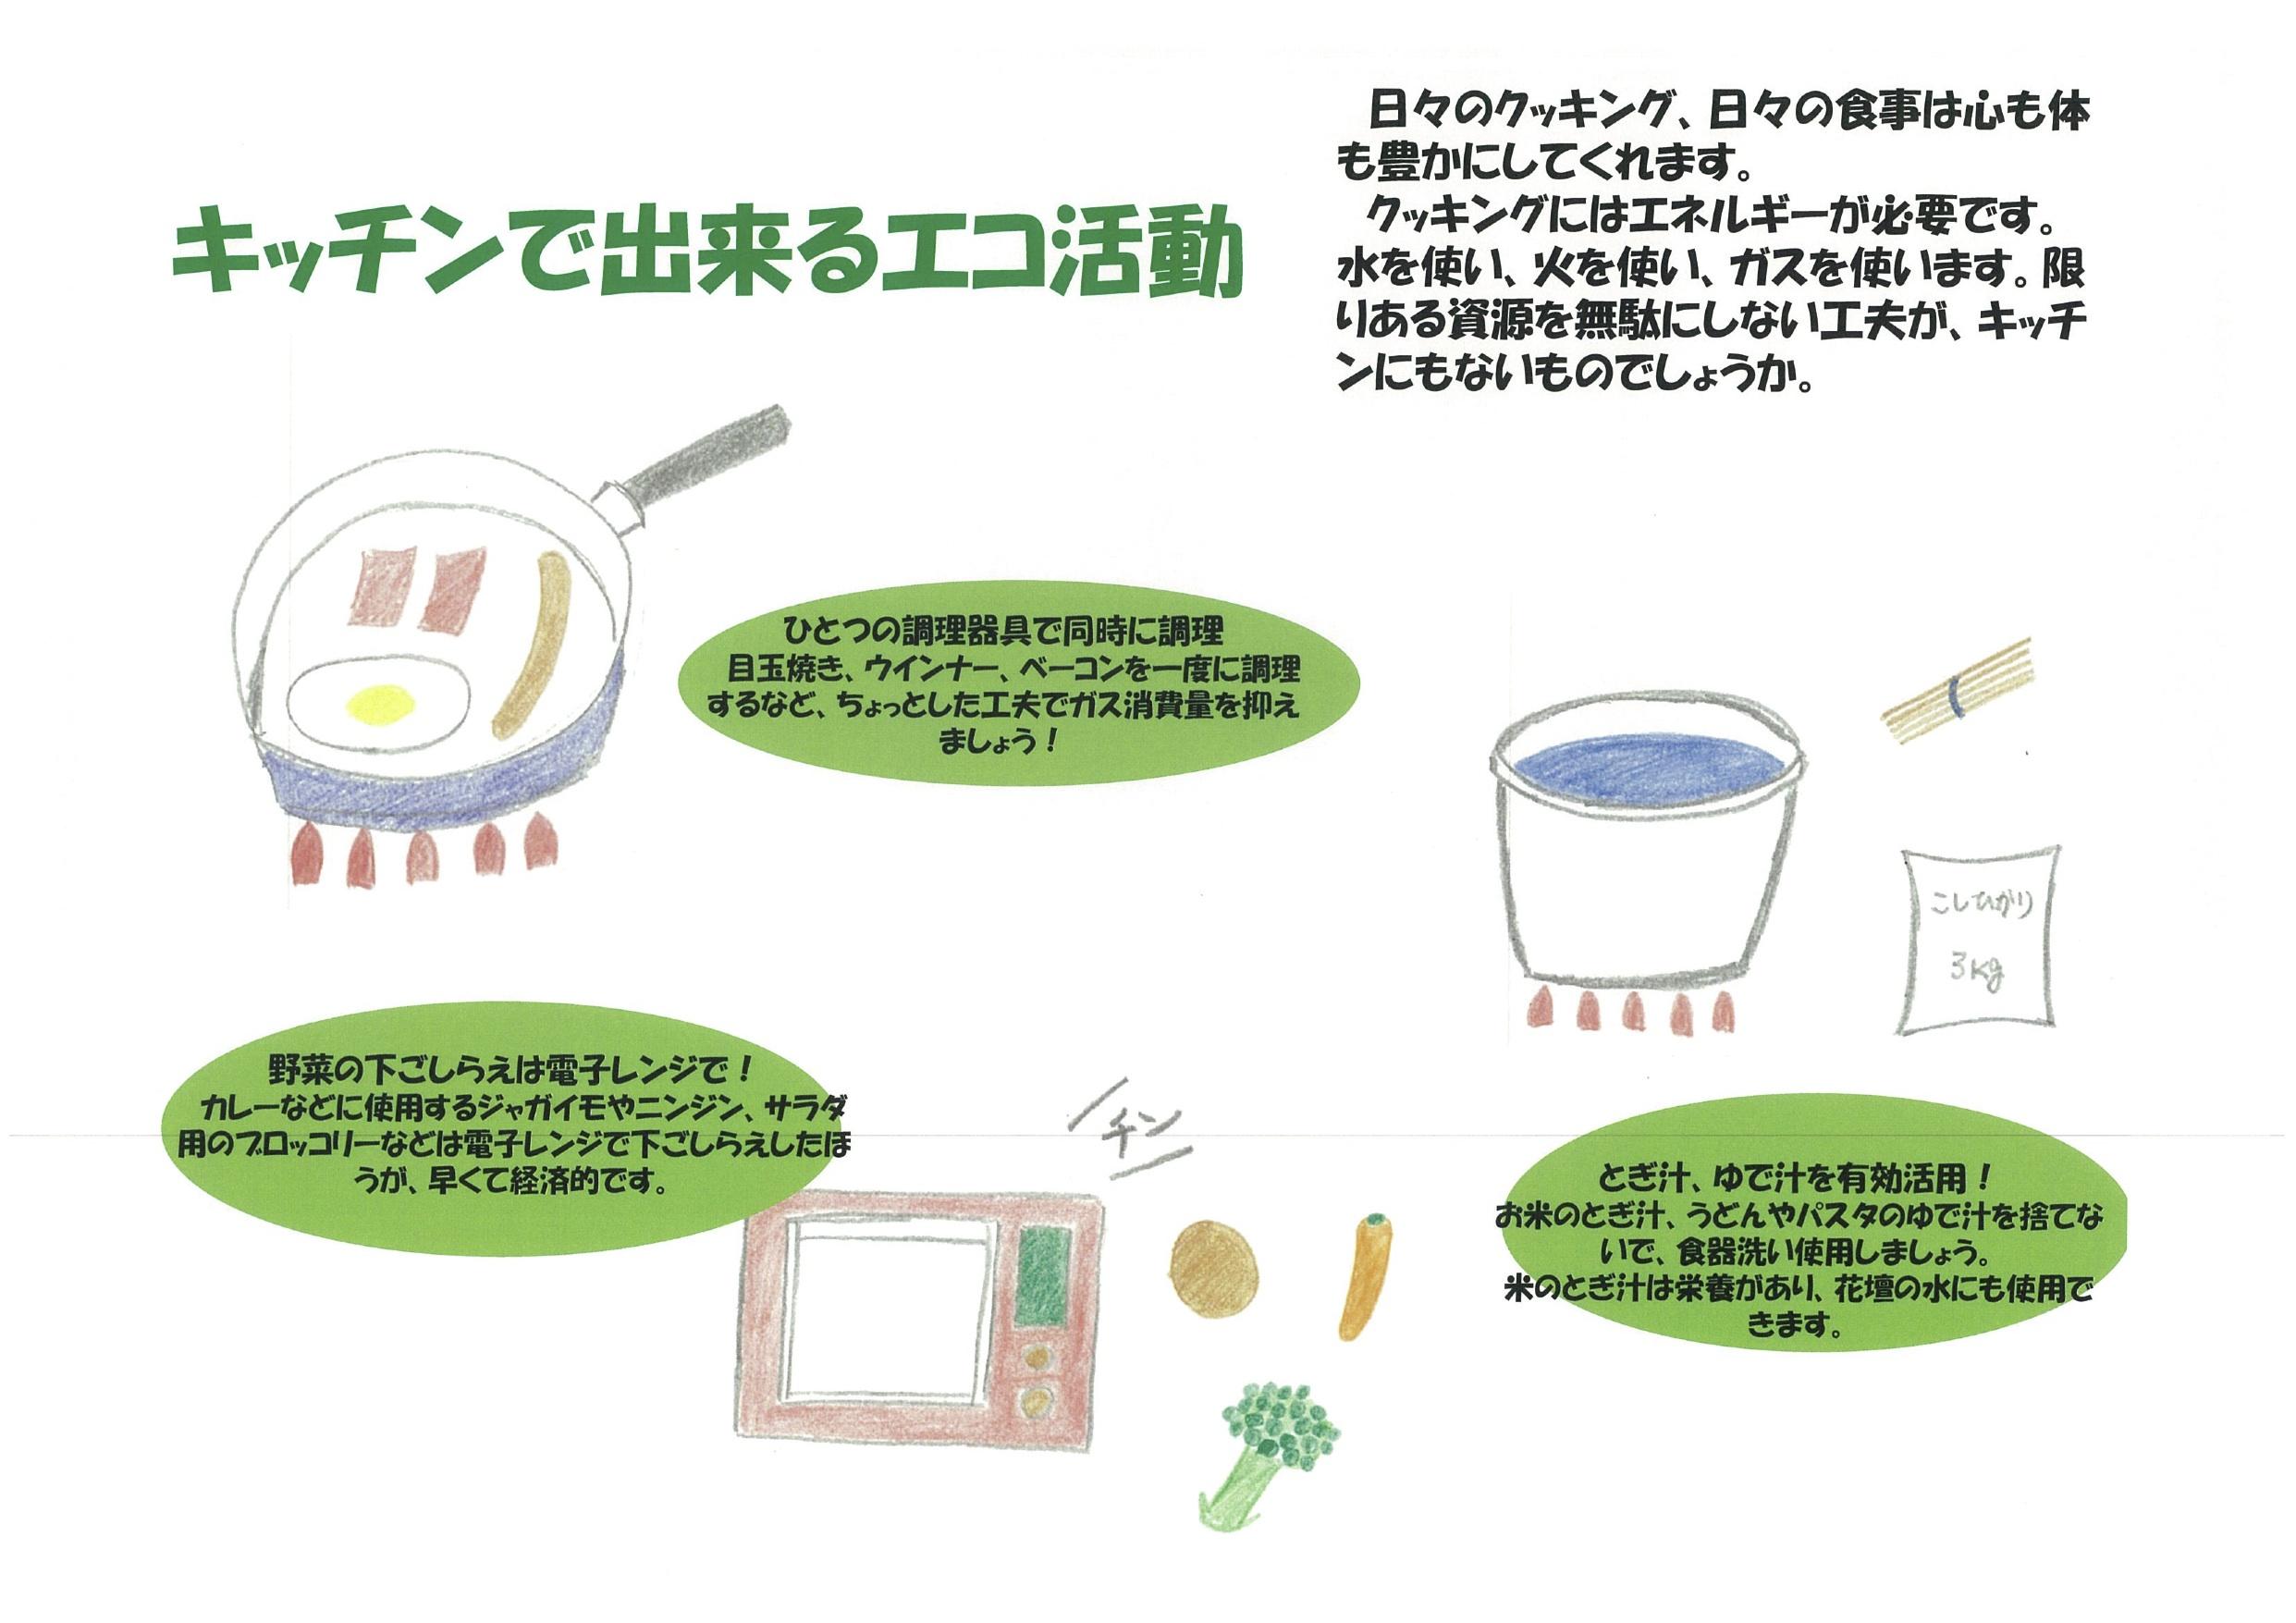 キッチンで出来るエコ活動 吉岡純